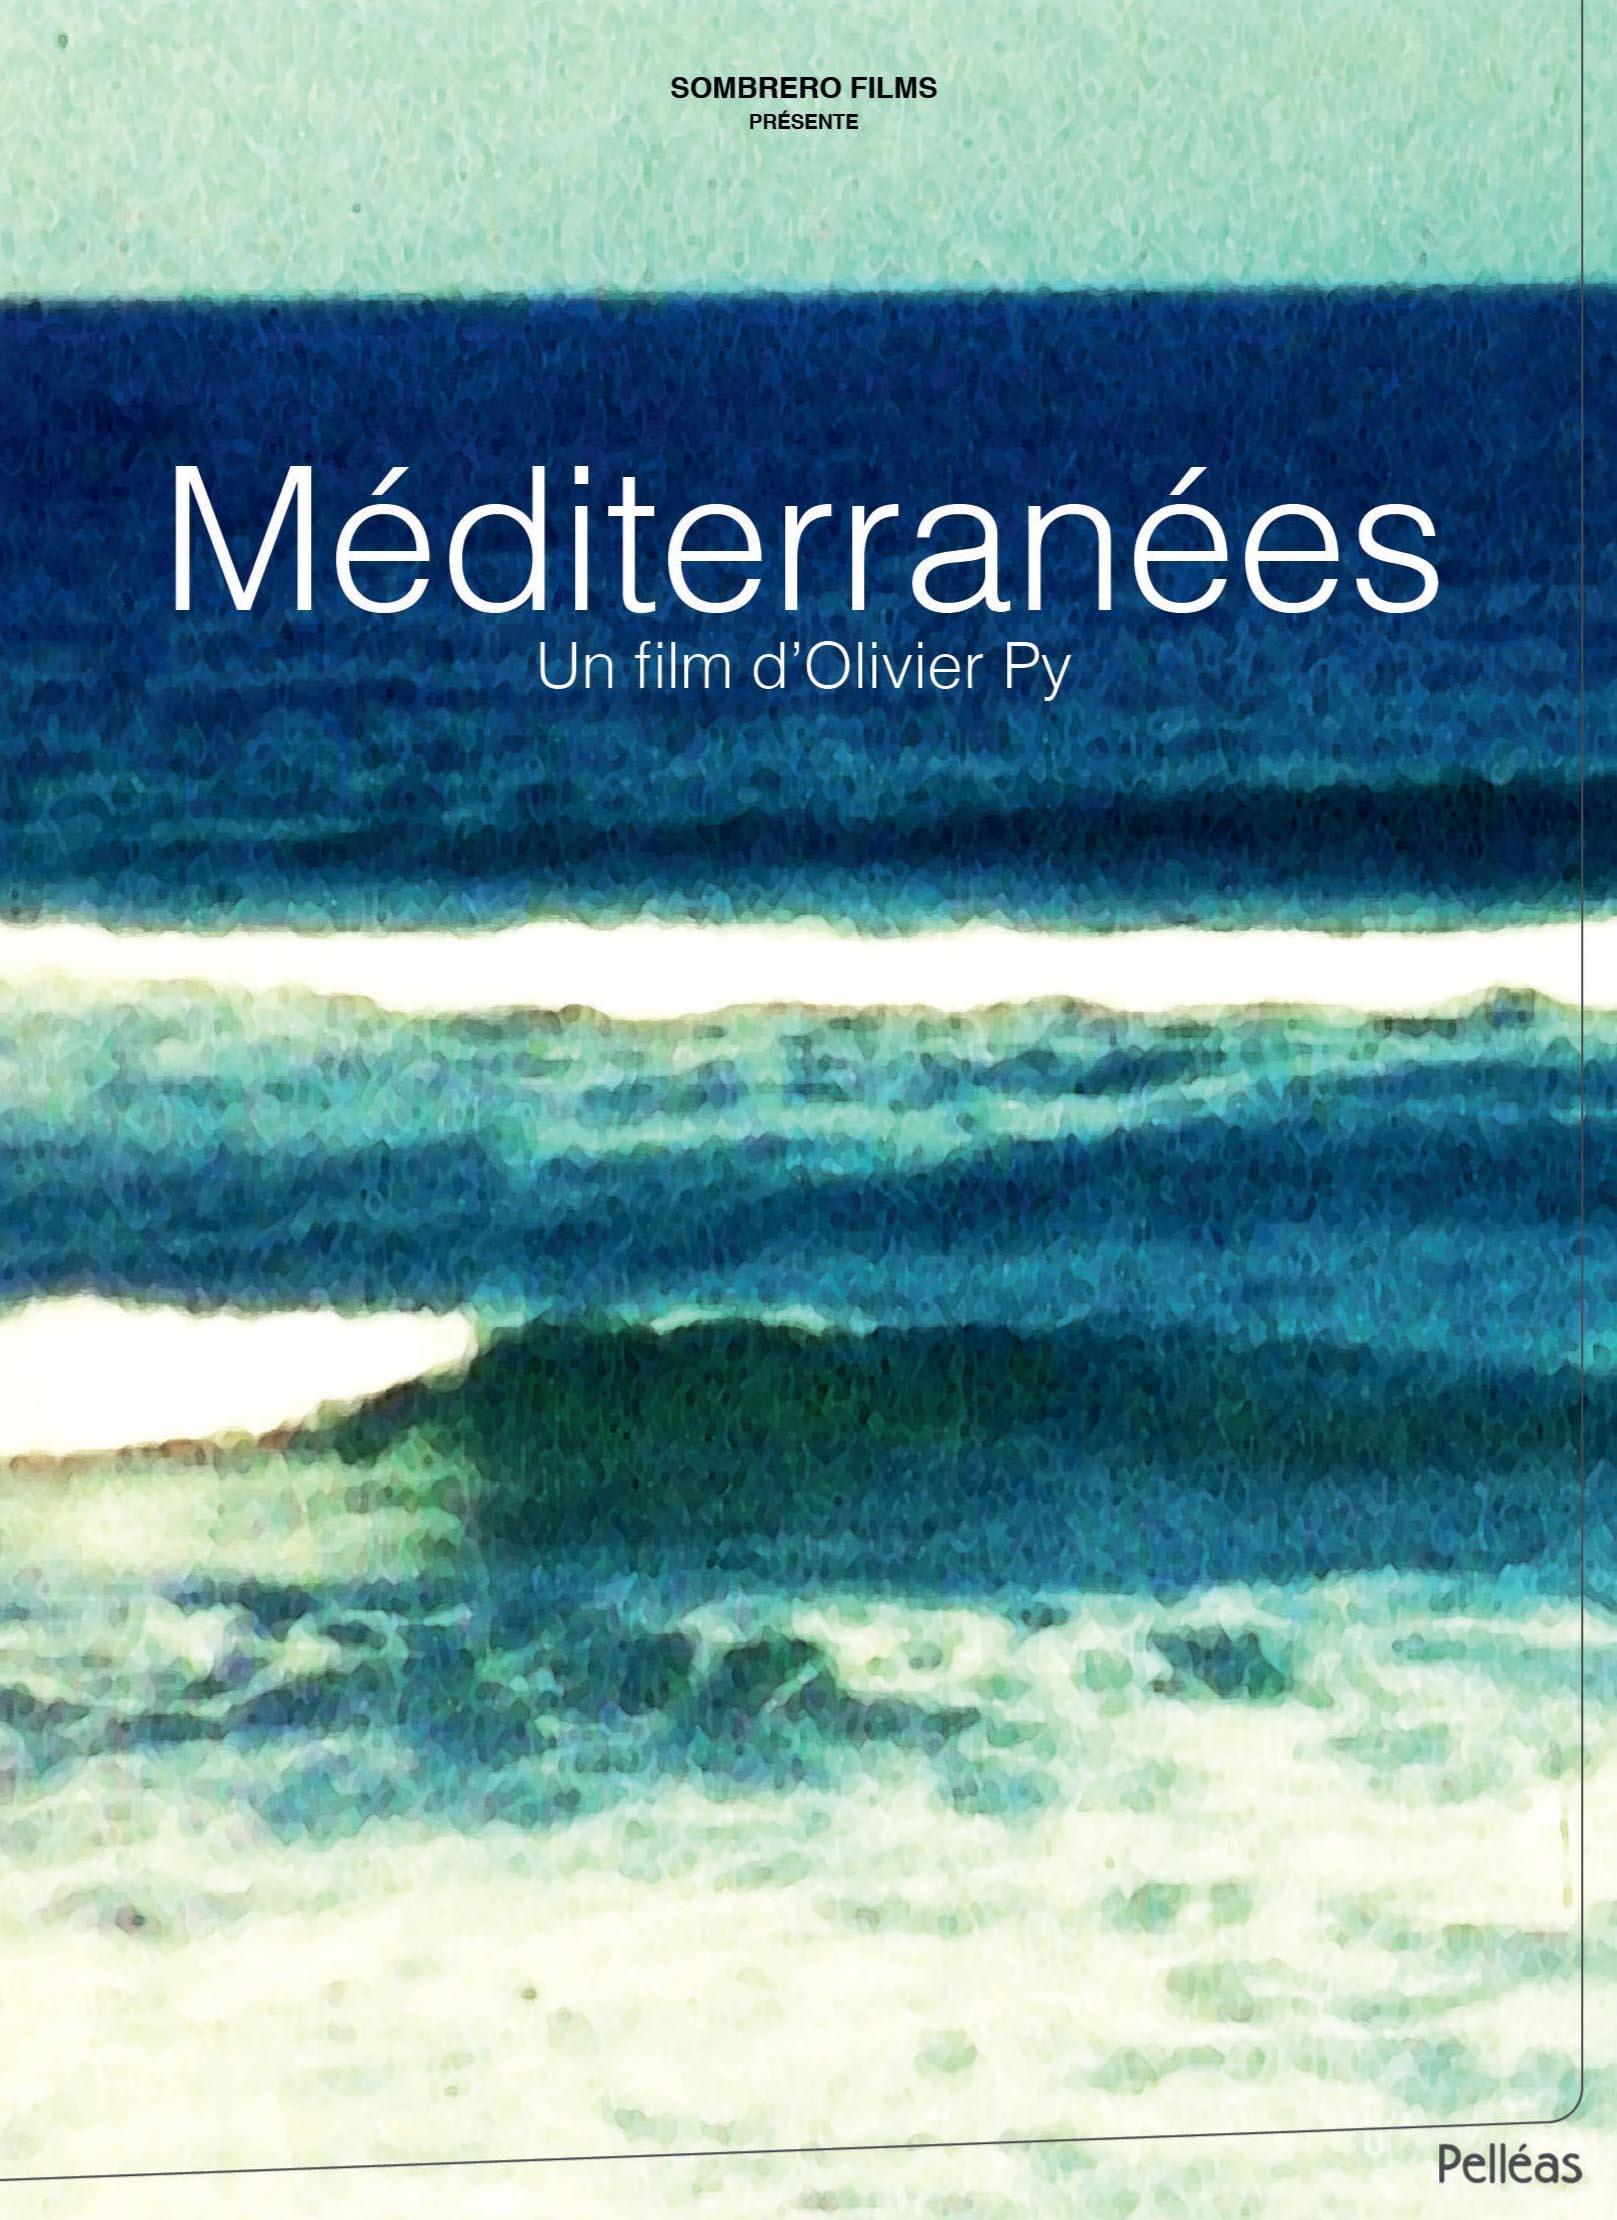 Mediterranees-dvd